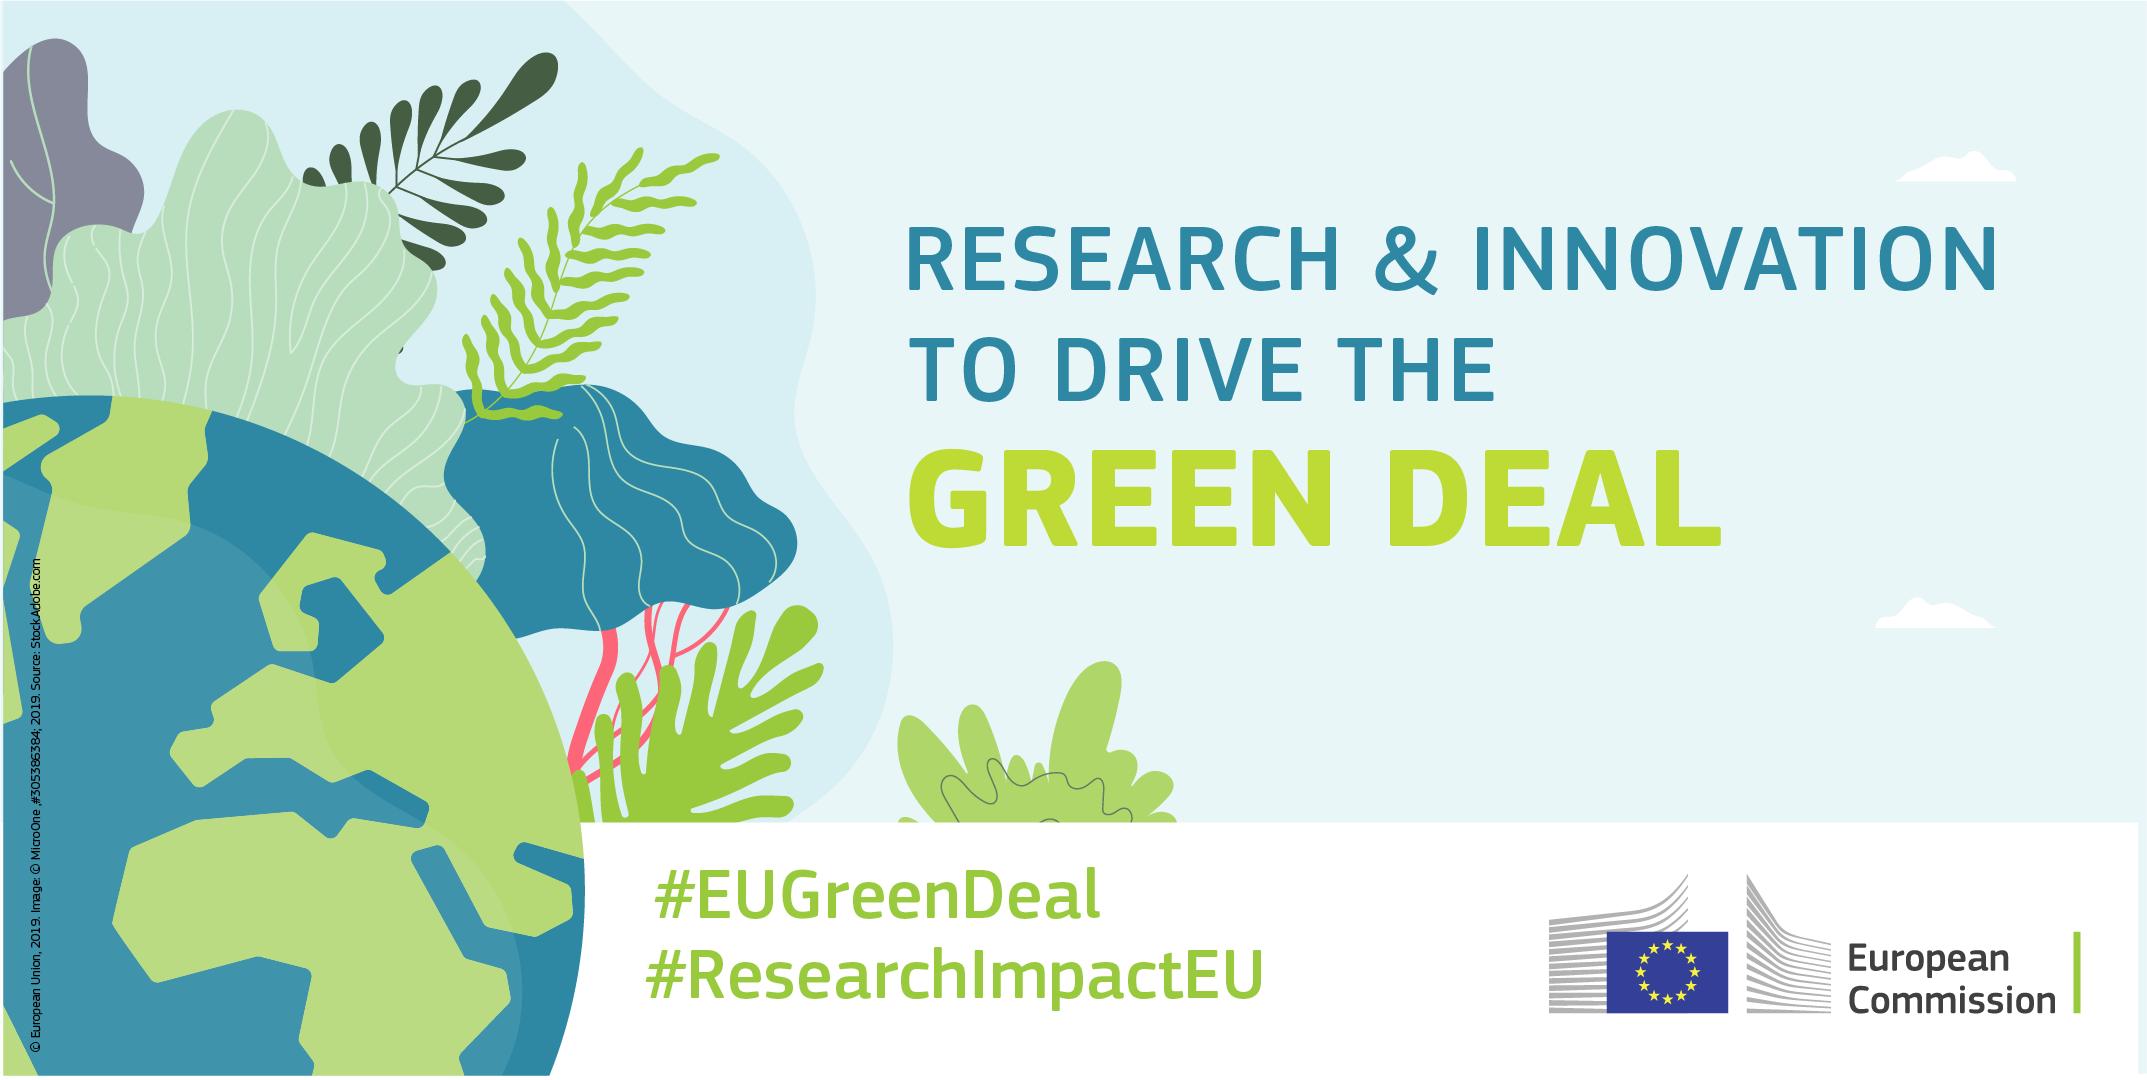 Appel à Projets EU Green Deal – 1 milliard d'euros pour stimuler la transition verte et numérique